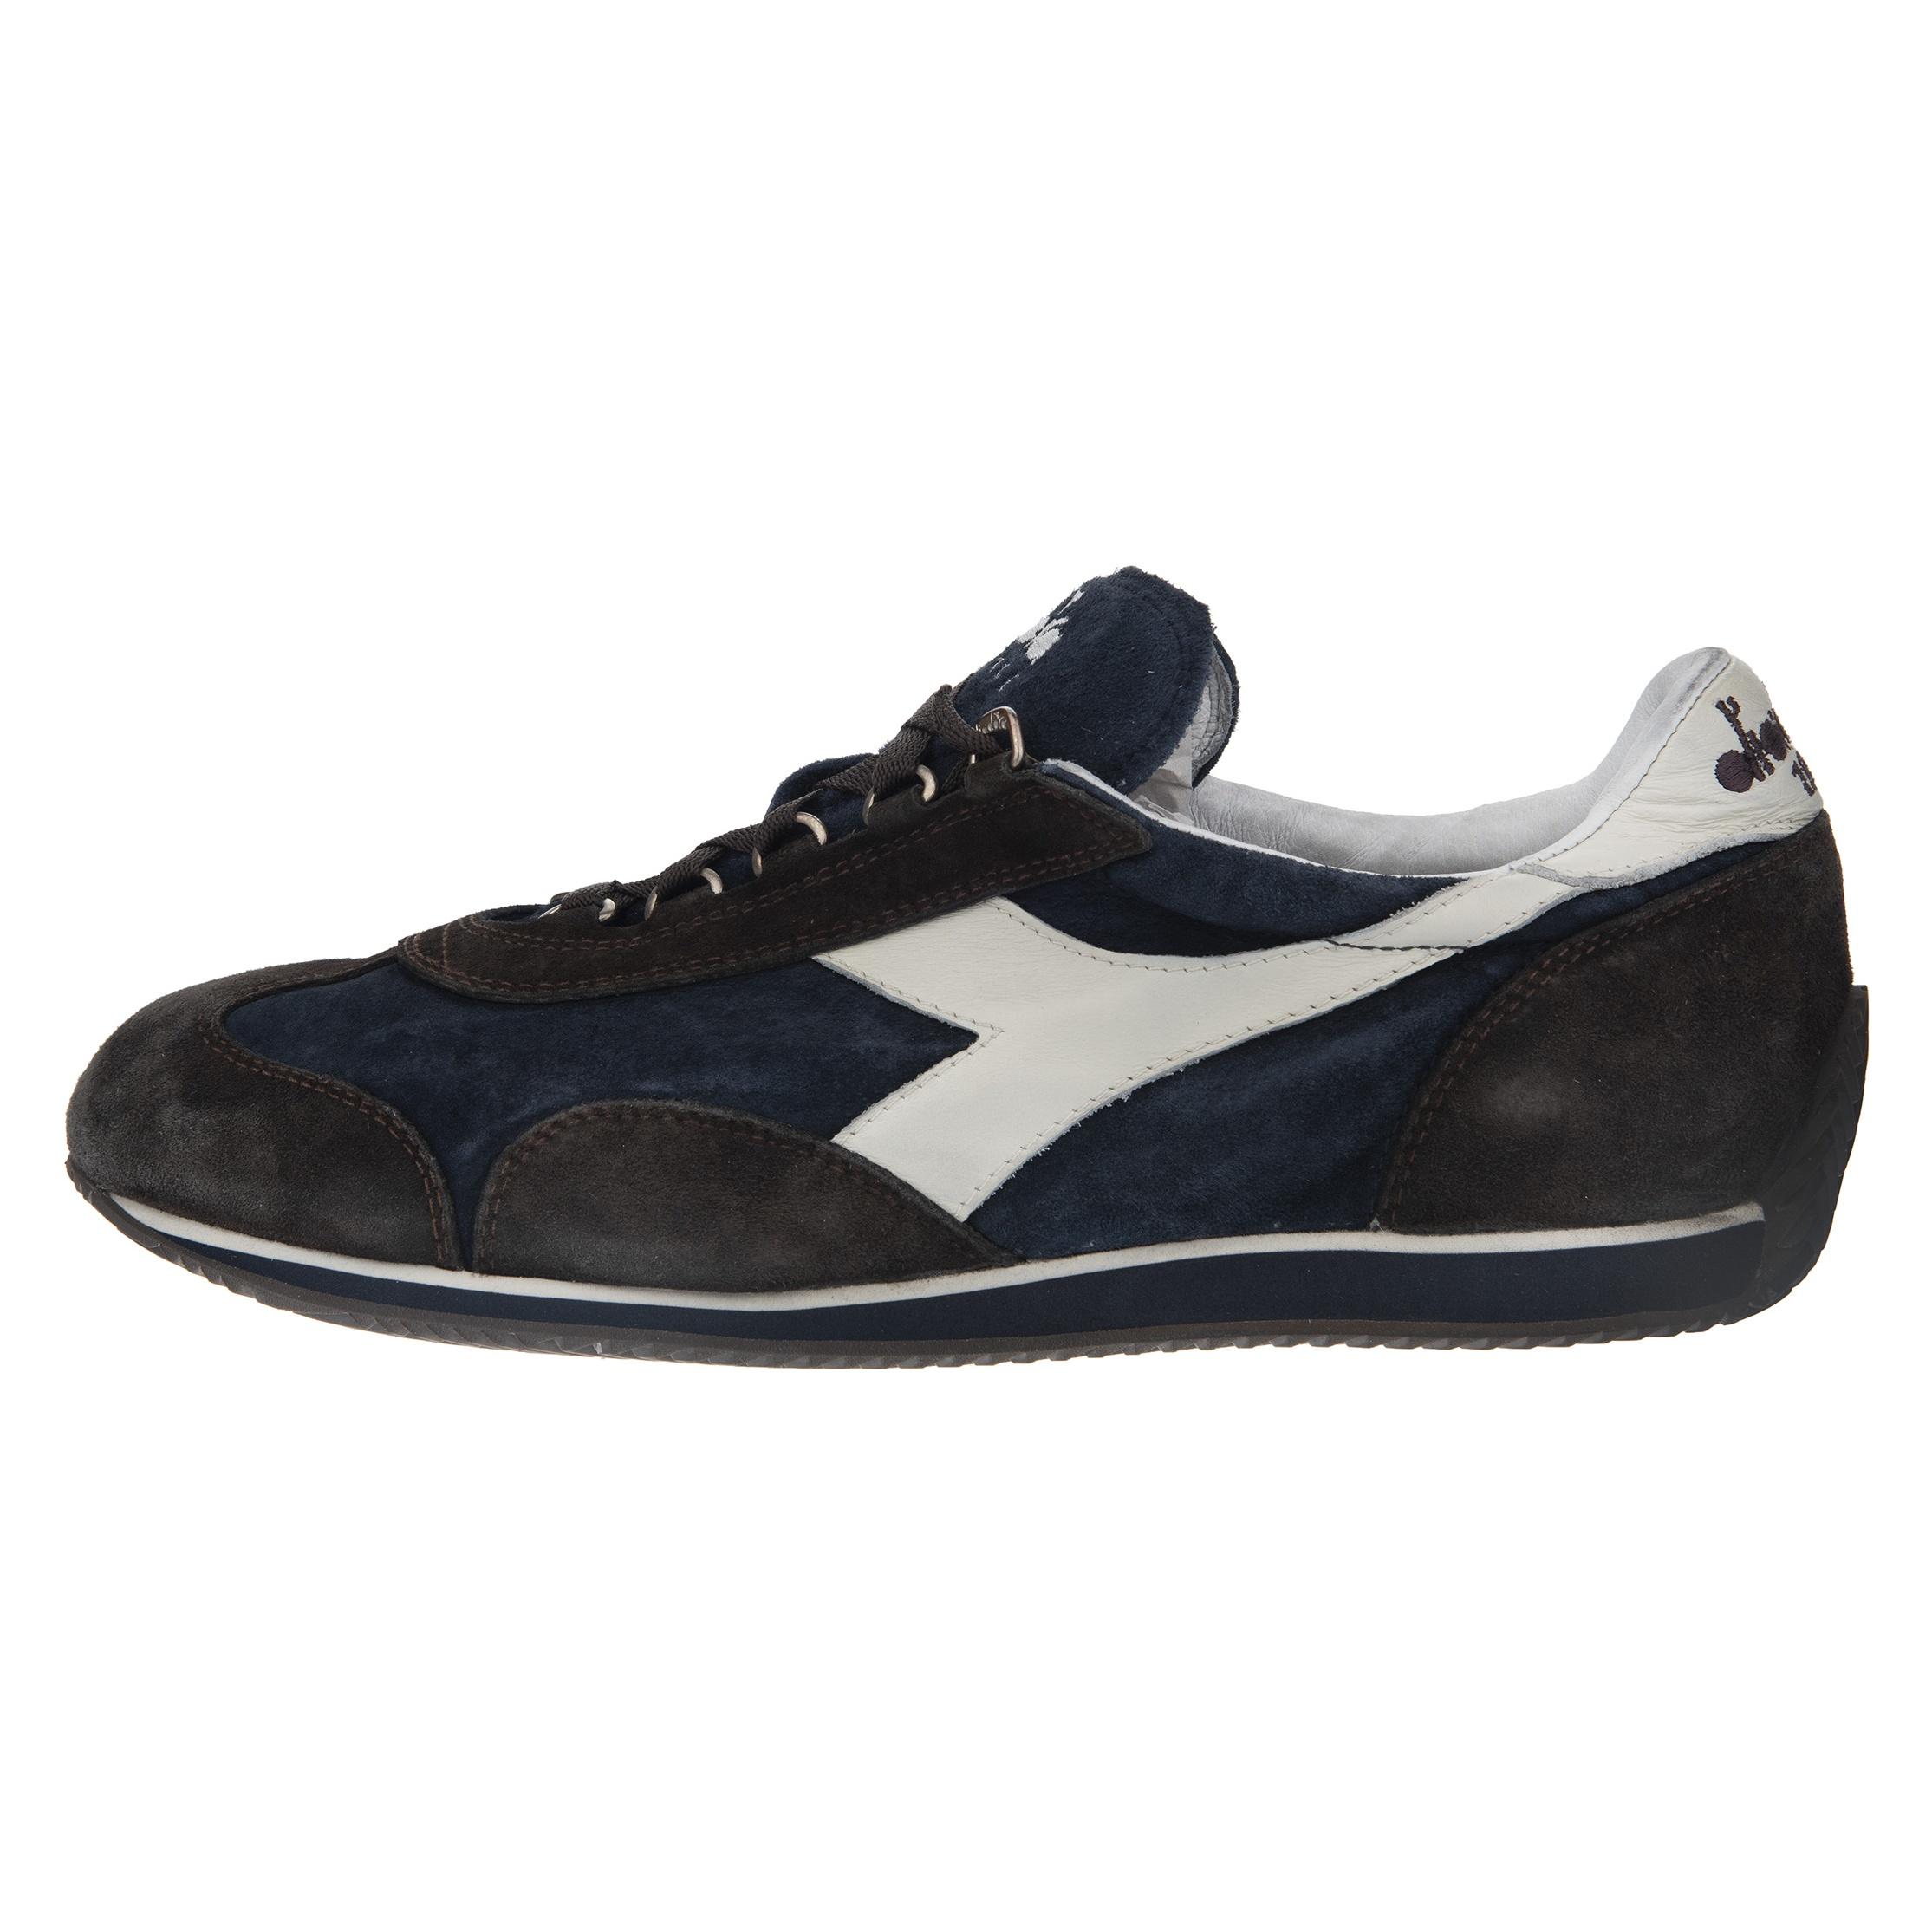 کفش مخصوص پیاده روی مردانه دیادورا کد Equipe S.SW 156552-2841